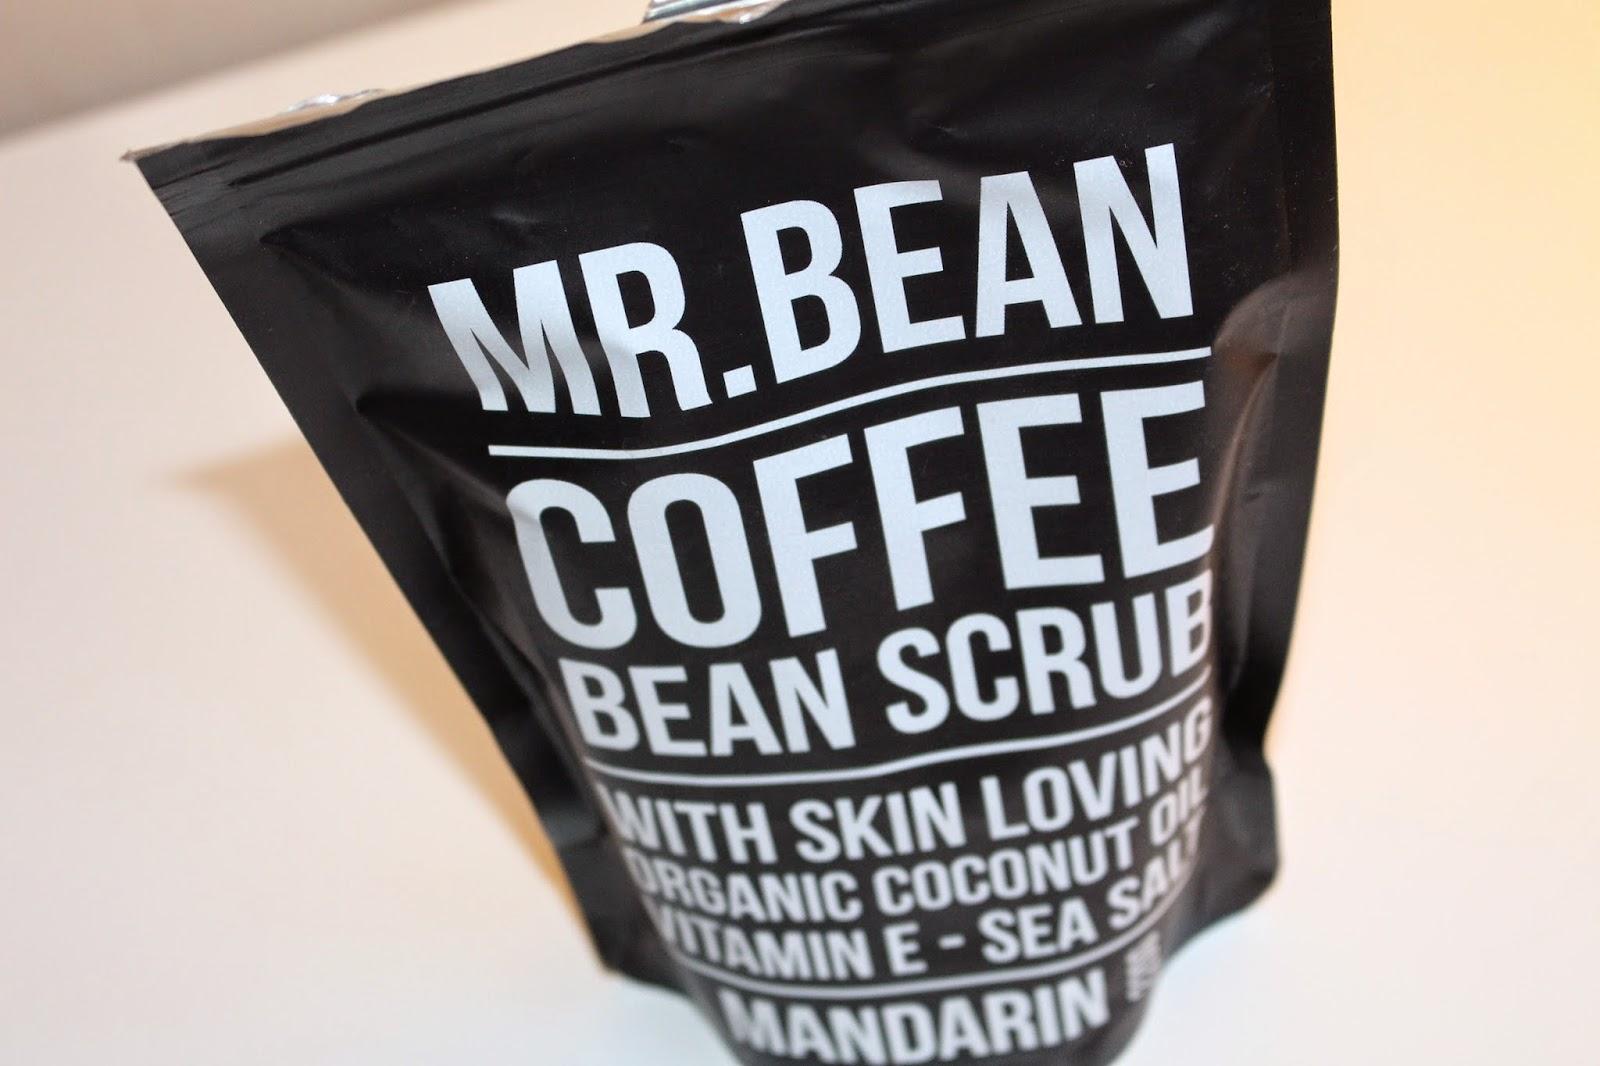 Mr Bean Coffee Scrub Review